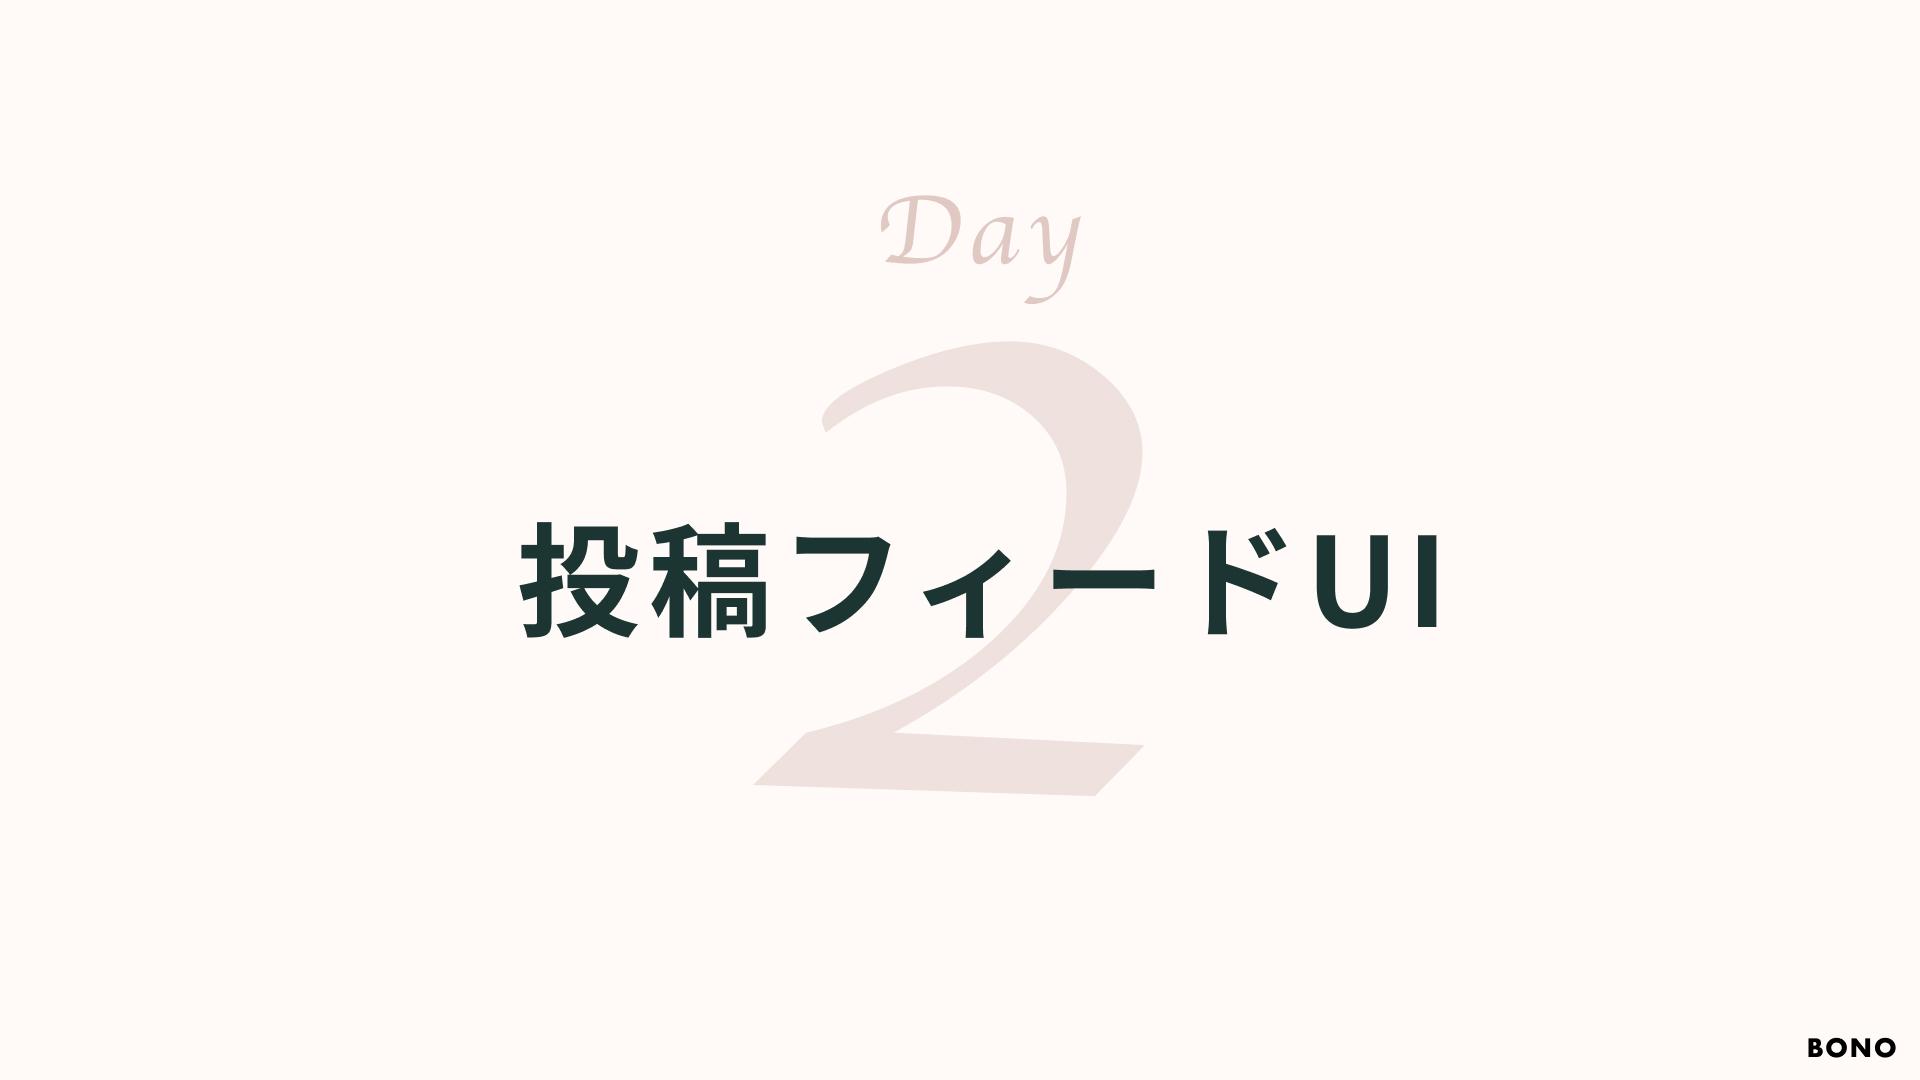 【Daily音声SNS】DAY2-お題